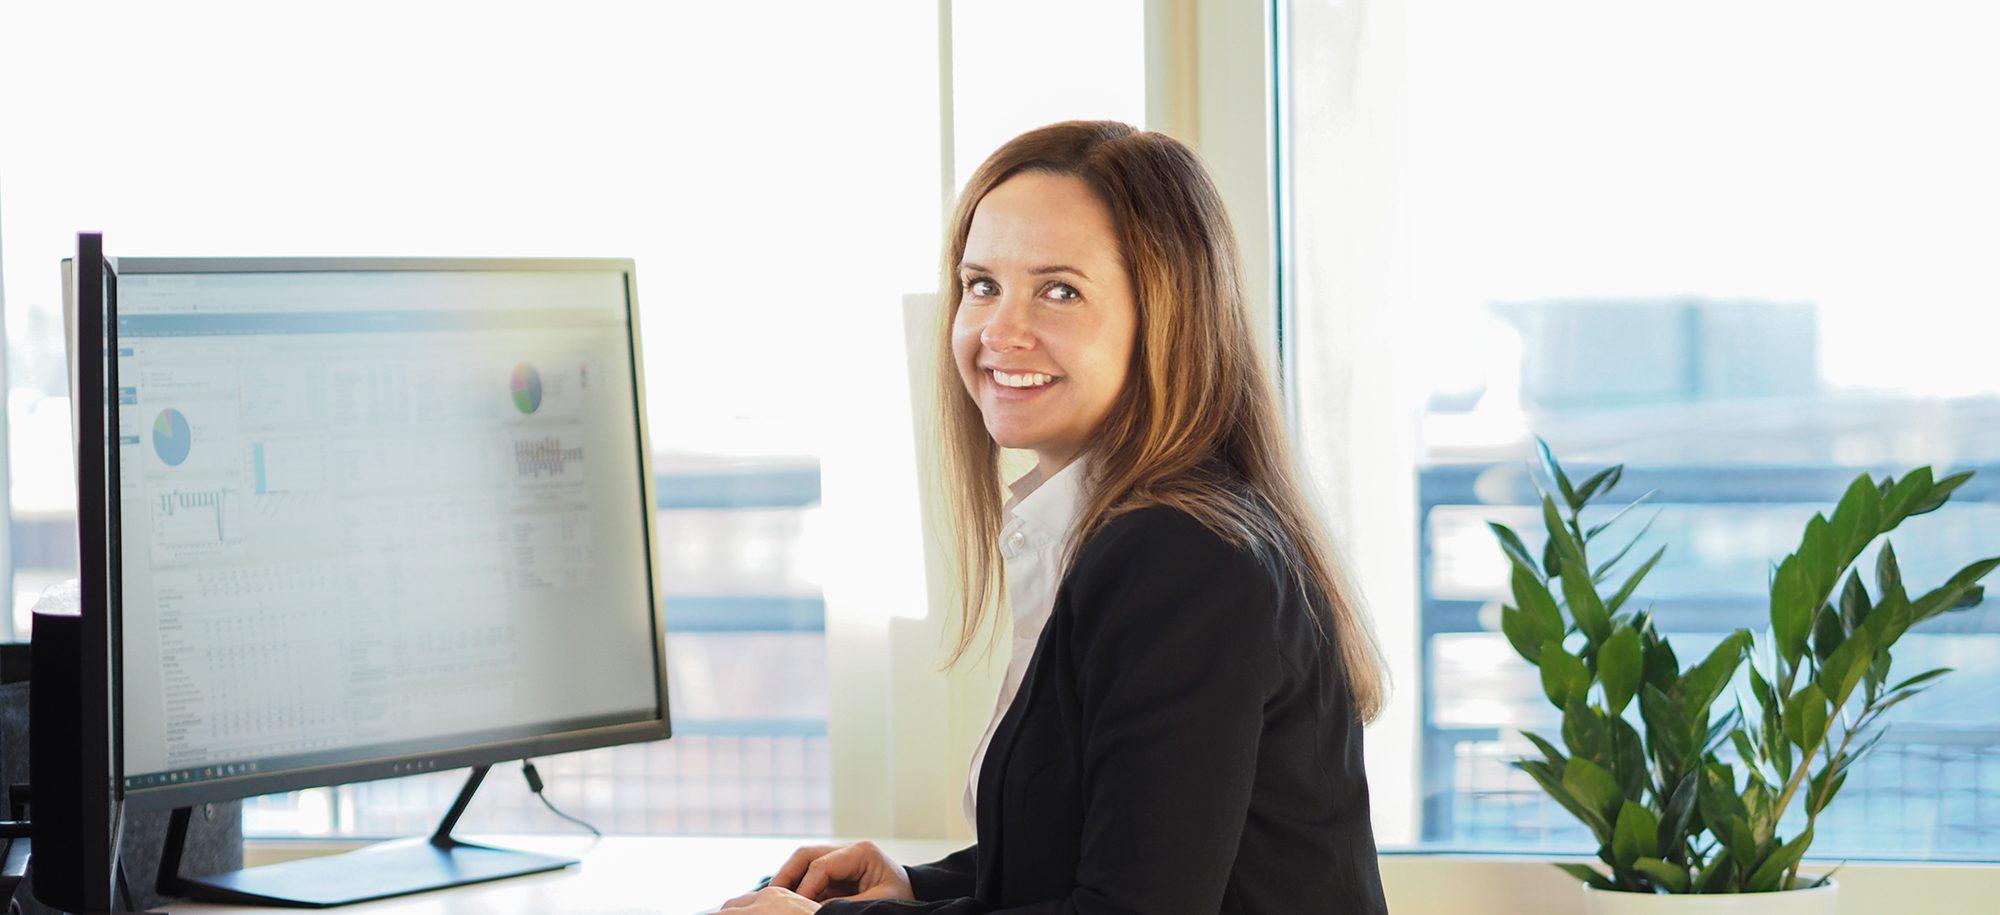 Smilende dame ved PC-skjerm Support Consultant